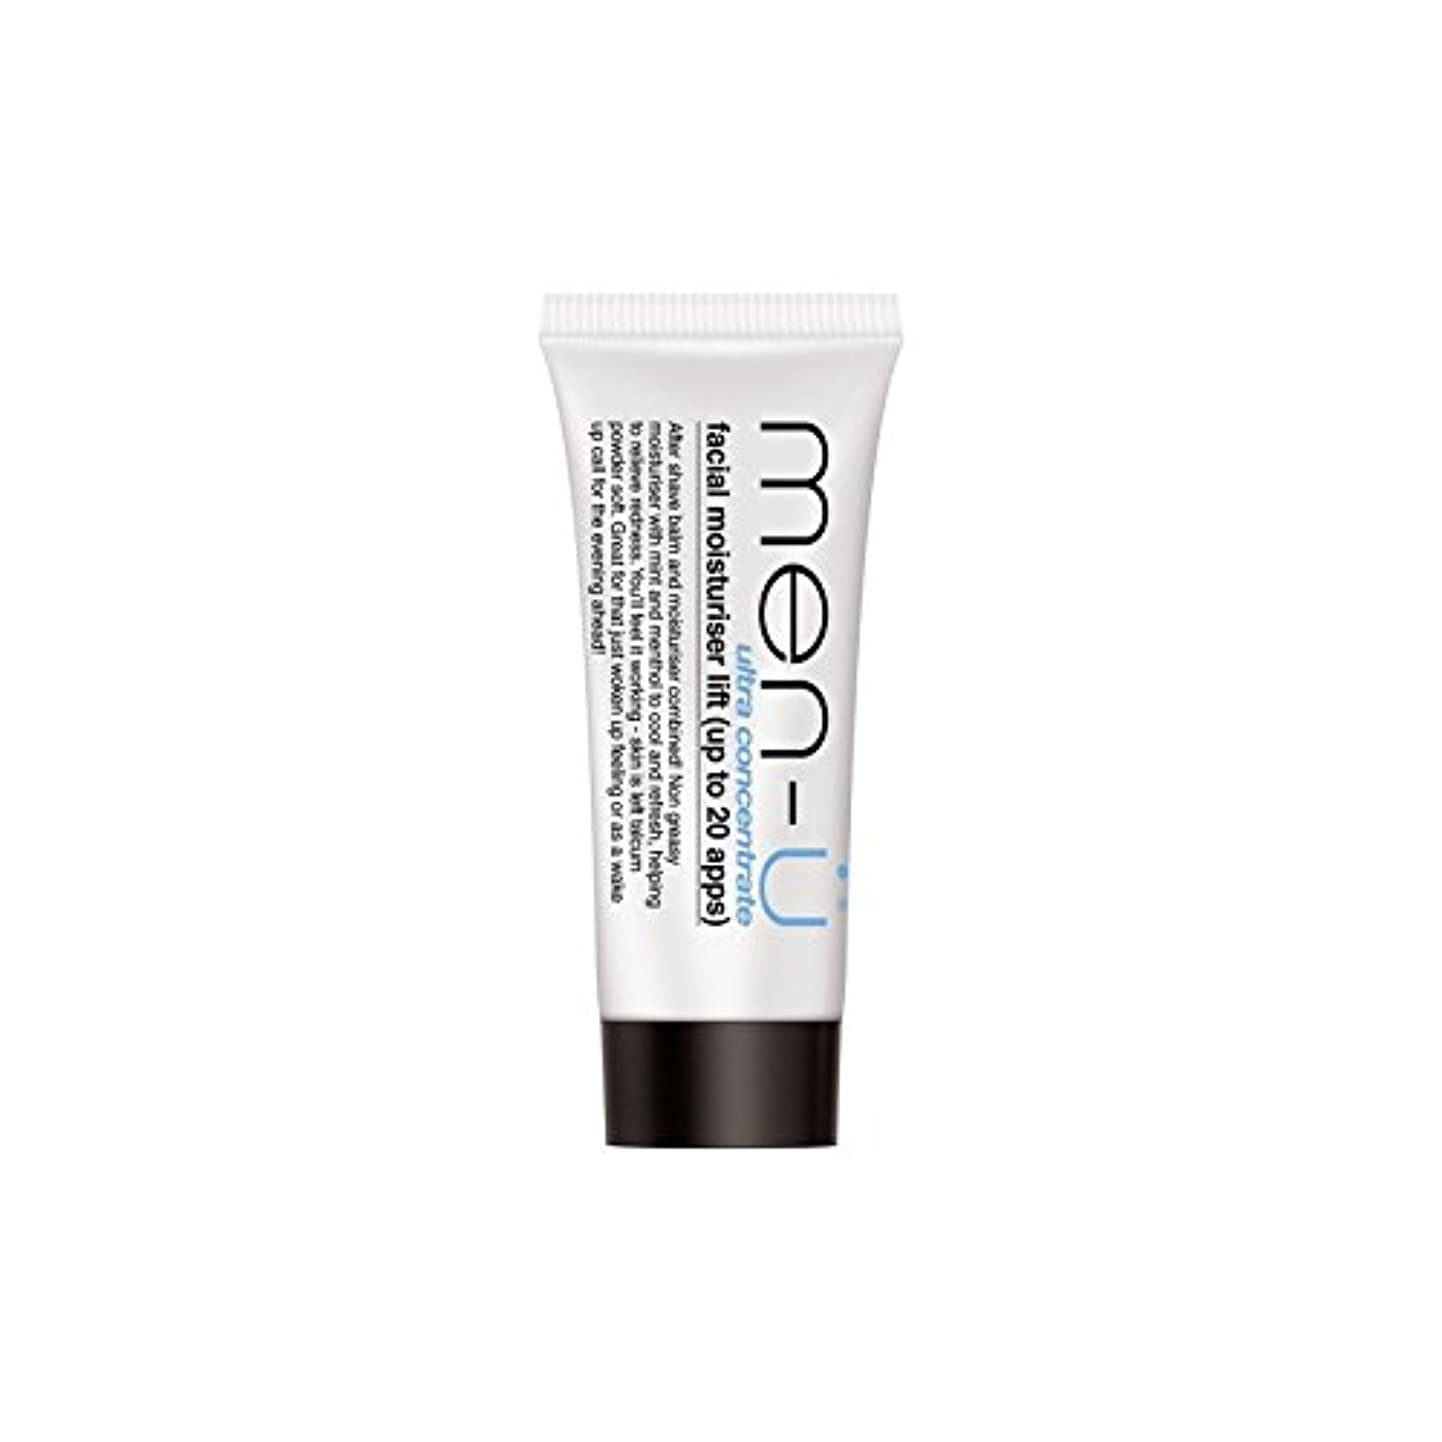 太平洋諸島行商人兄男性-のバディ顔の保湿剤のリフトチューブ(15ミリリットル) x2 - Men-? Buddy Facial Moisturiser Lift Tube (15ml) (Pack of 2) [並行輸入品]